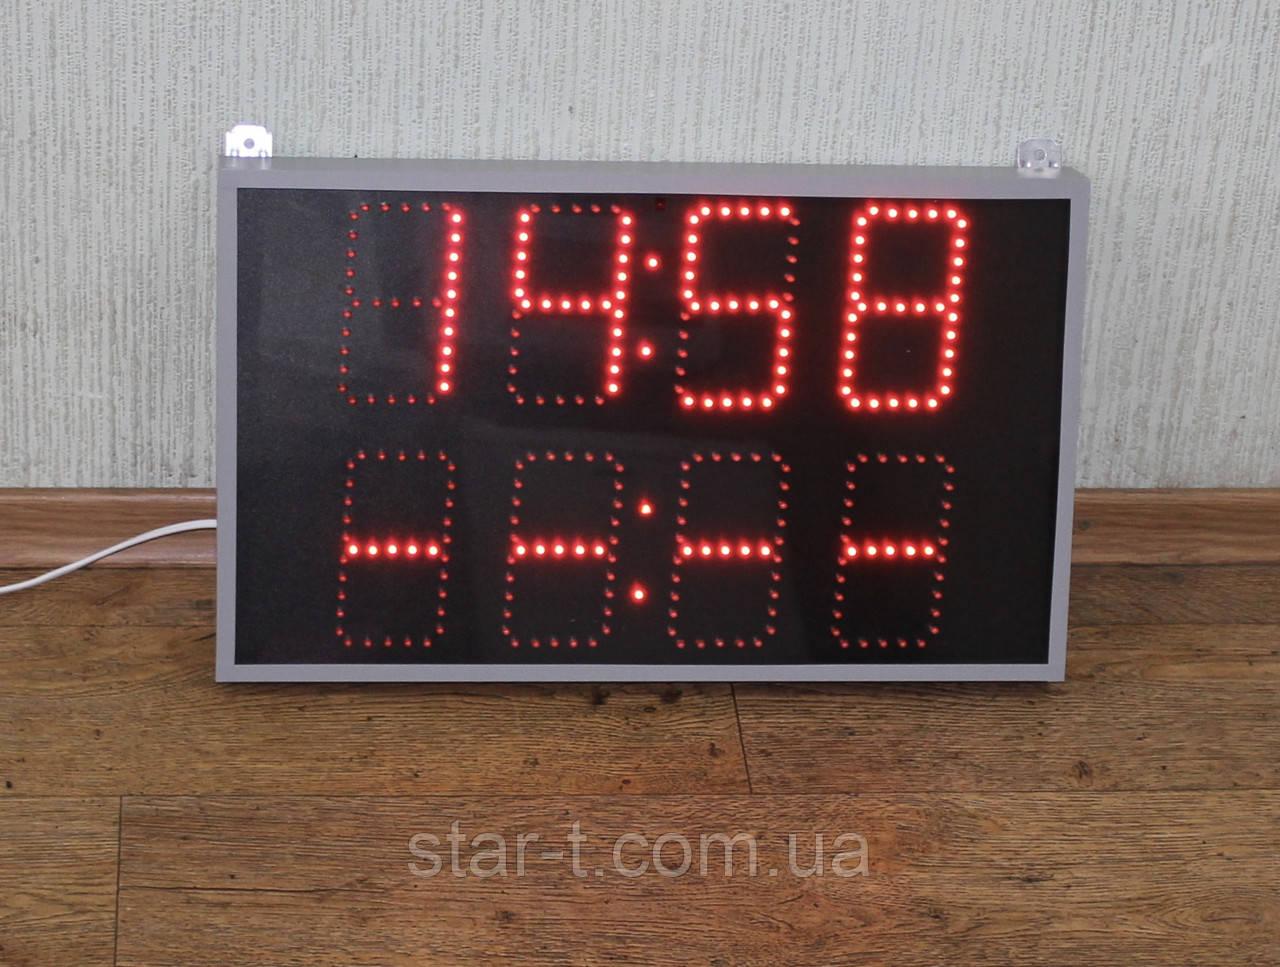 Светодионые часы с таймером, красного цвета